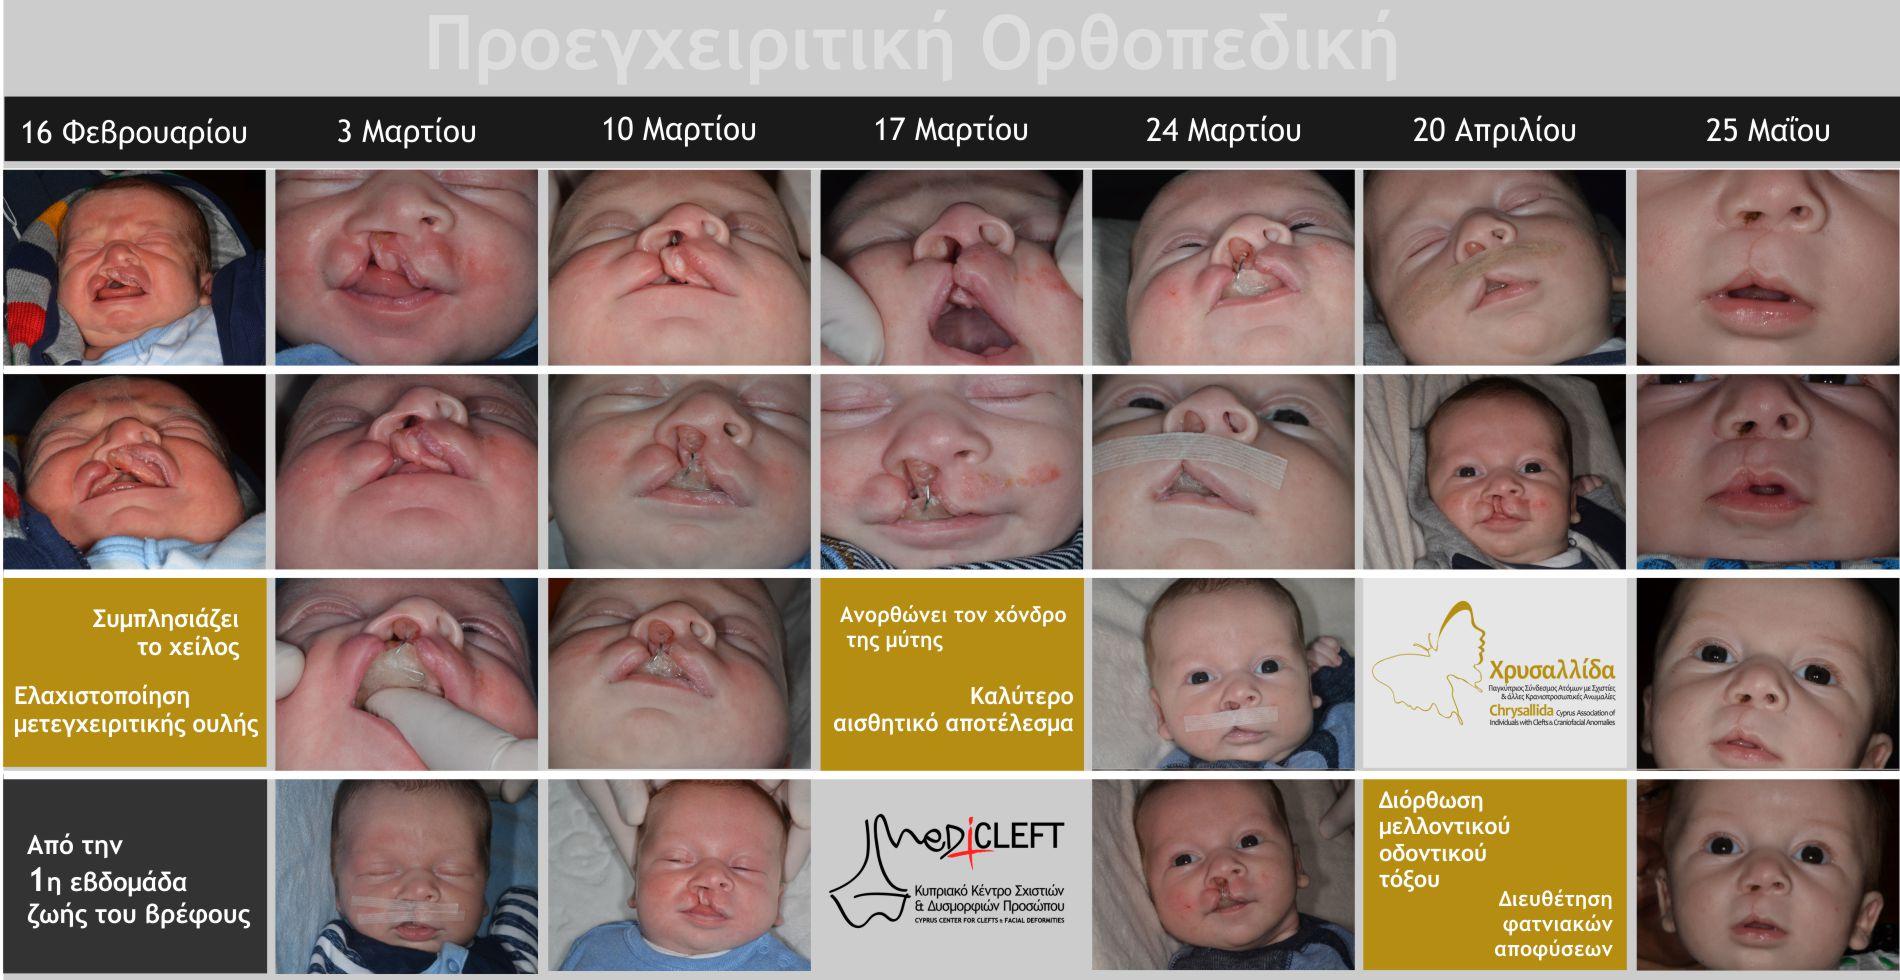 Η προεγχειριτική ορθοπεδική προετοιμάζει το βρέφος για την πρώτη επέμβαση στο χείλος και στη μύτη